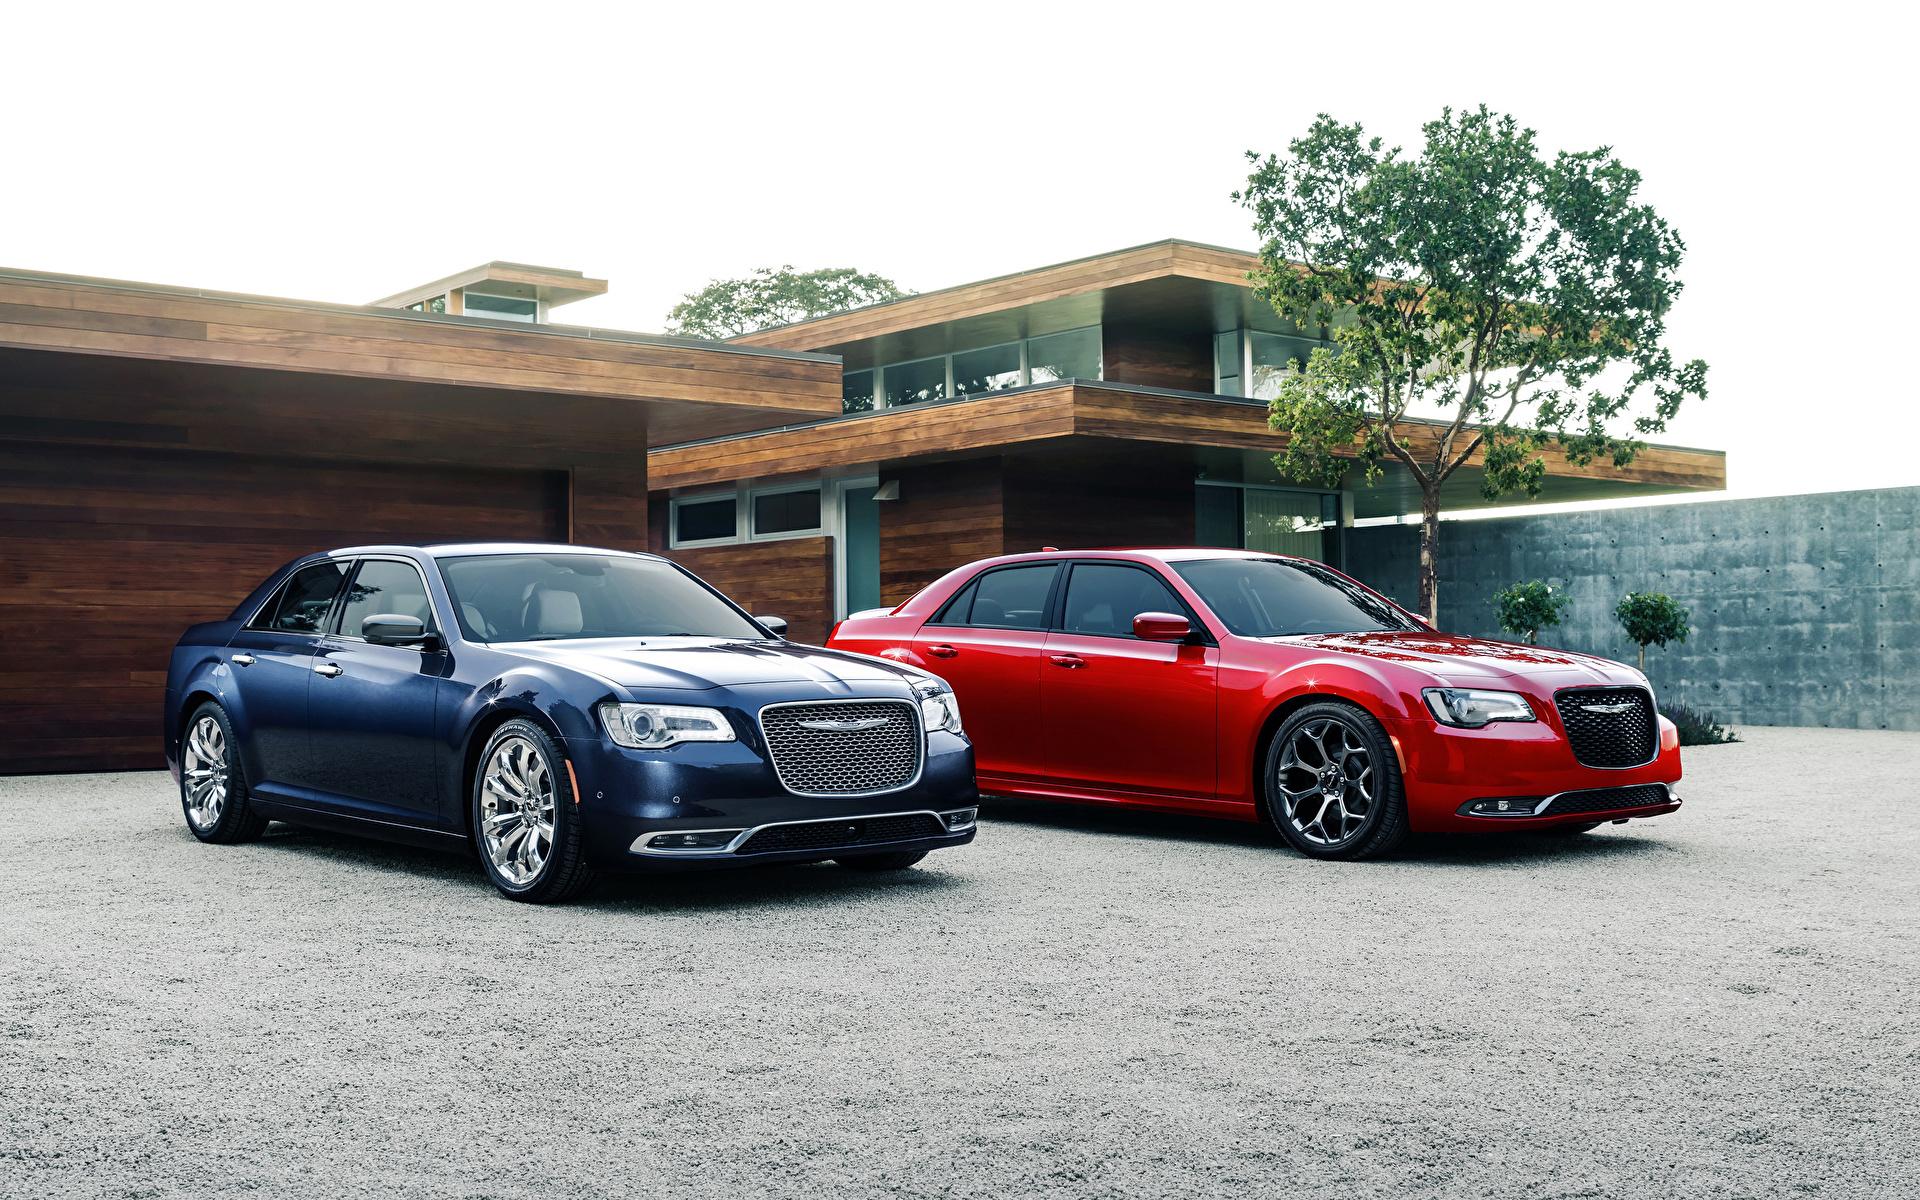 1920x1200 Chrysler 2015 300 C Dos Lujo Metálico autos, automóvil, automóviles, el carro, caro, caros, 2 Coches